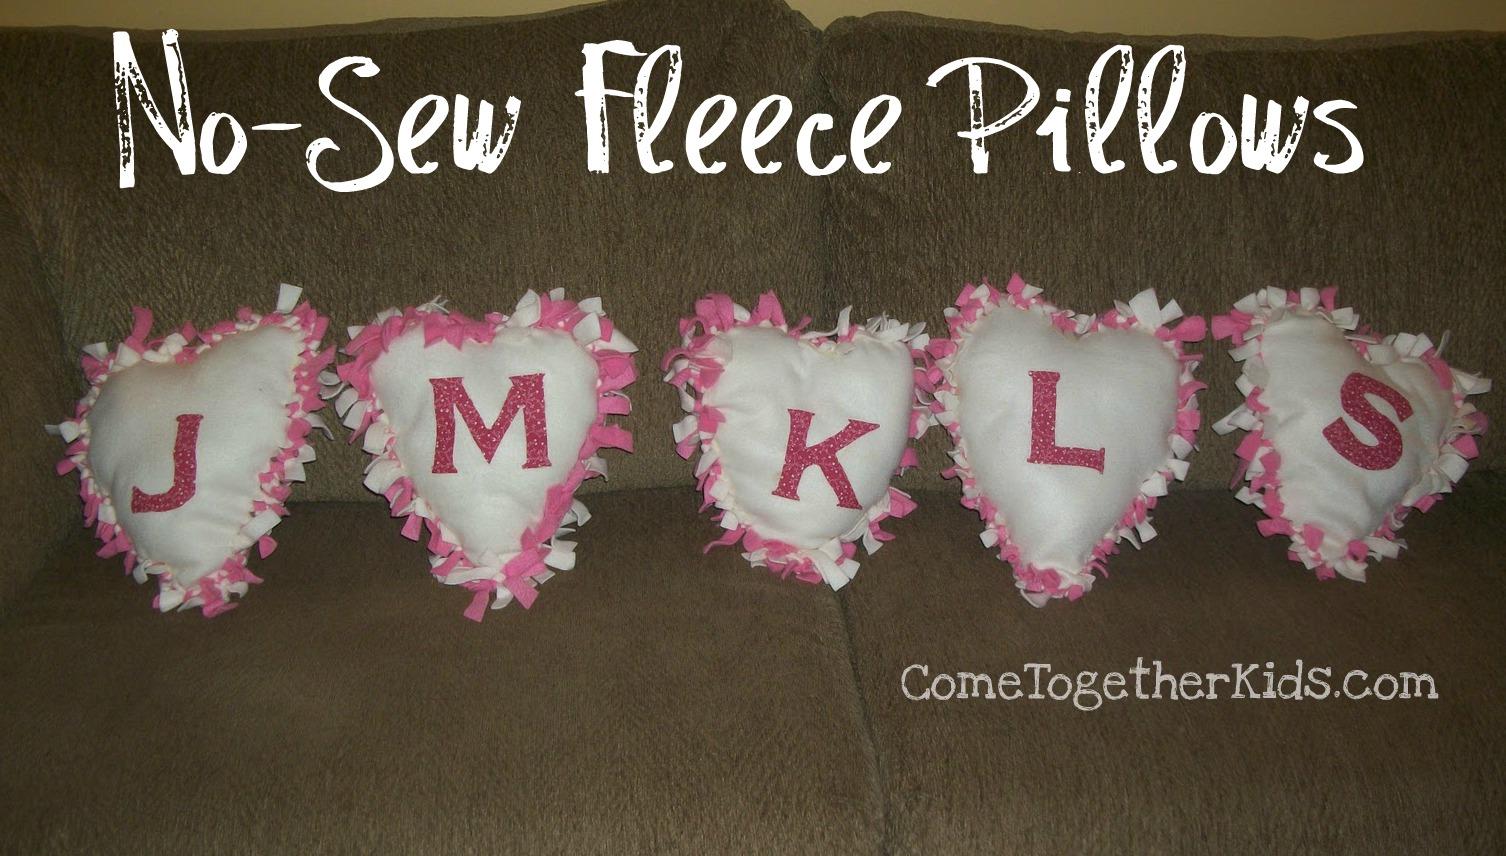 February 14 2011 & Come Together Kids: No Sew Fleece Pillows pillowsntoast.com